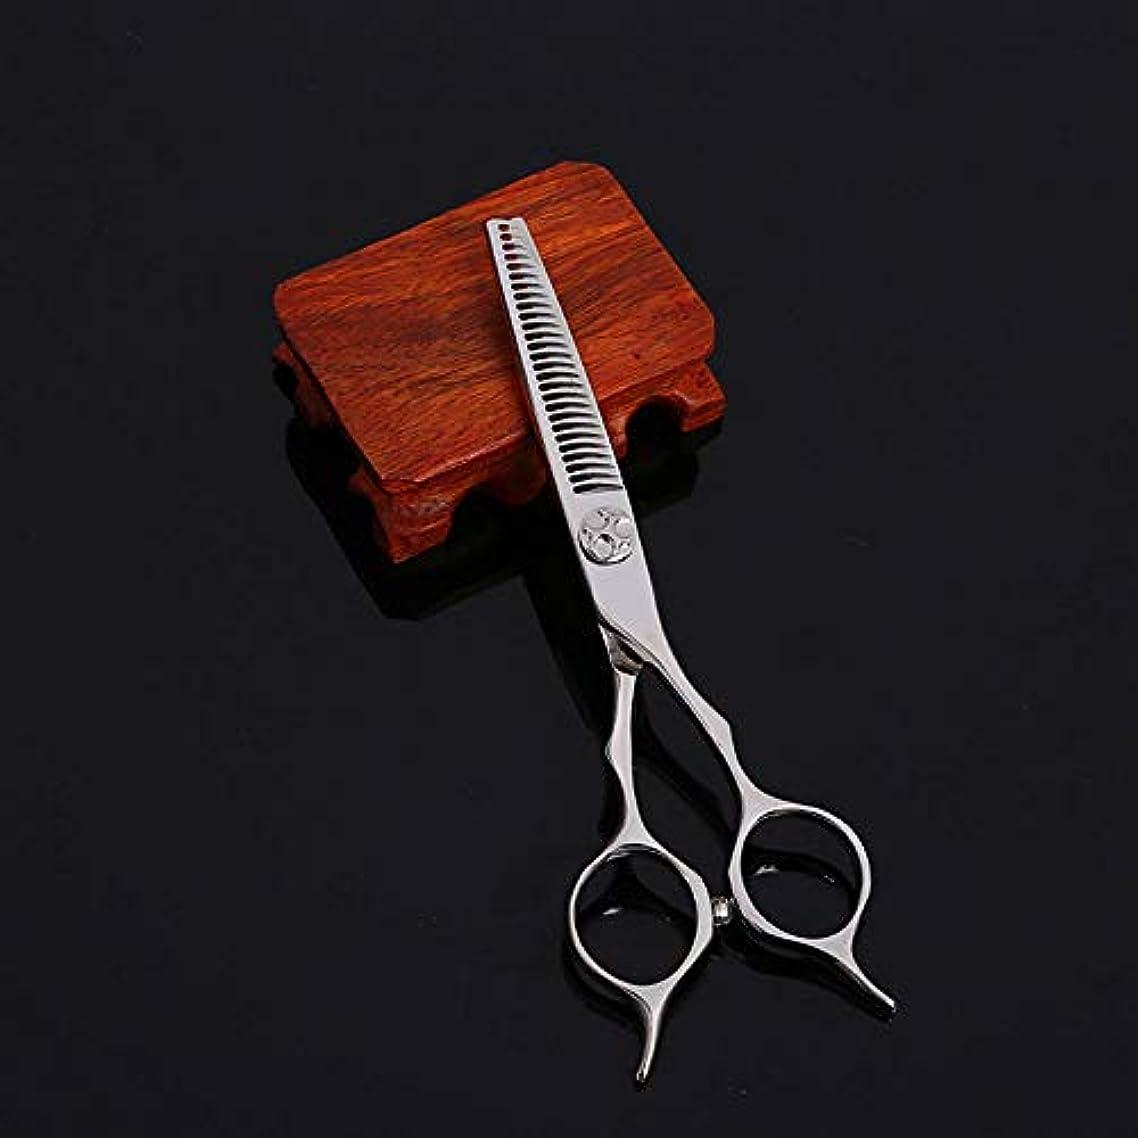 エール怖い定説WASAIO シアーズはさみセットヘアカット5.5インチカービング美容専門ステンレス鋼理容美容サロンテクスチャーレイザーエッジシザー髪 (色 : Silver)